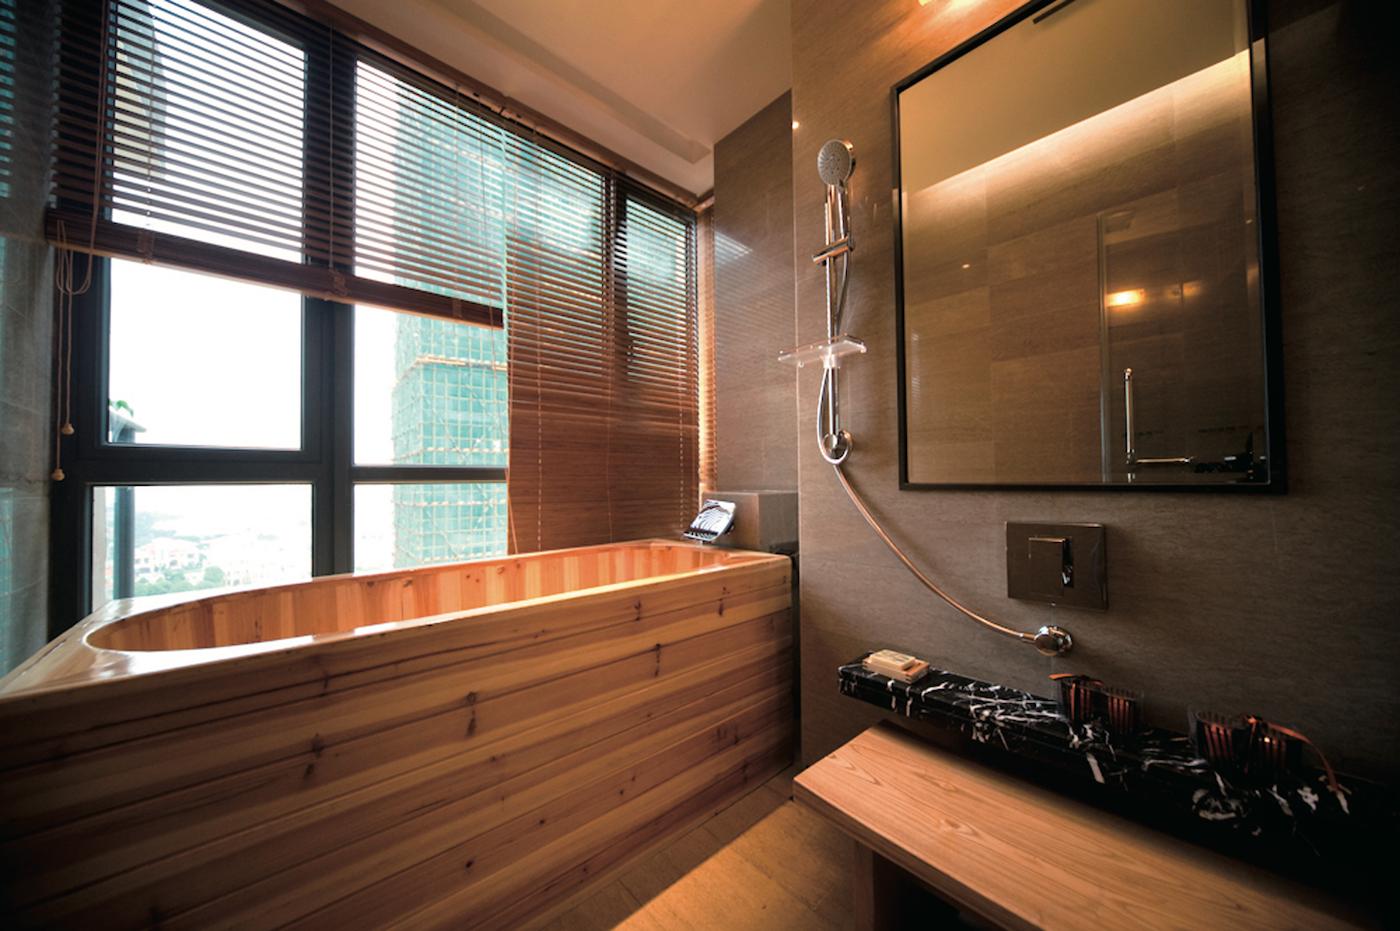 зеркало в раме для ванной комнаты